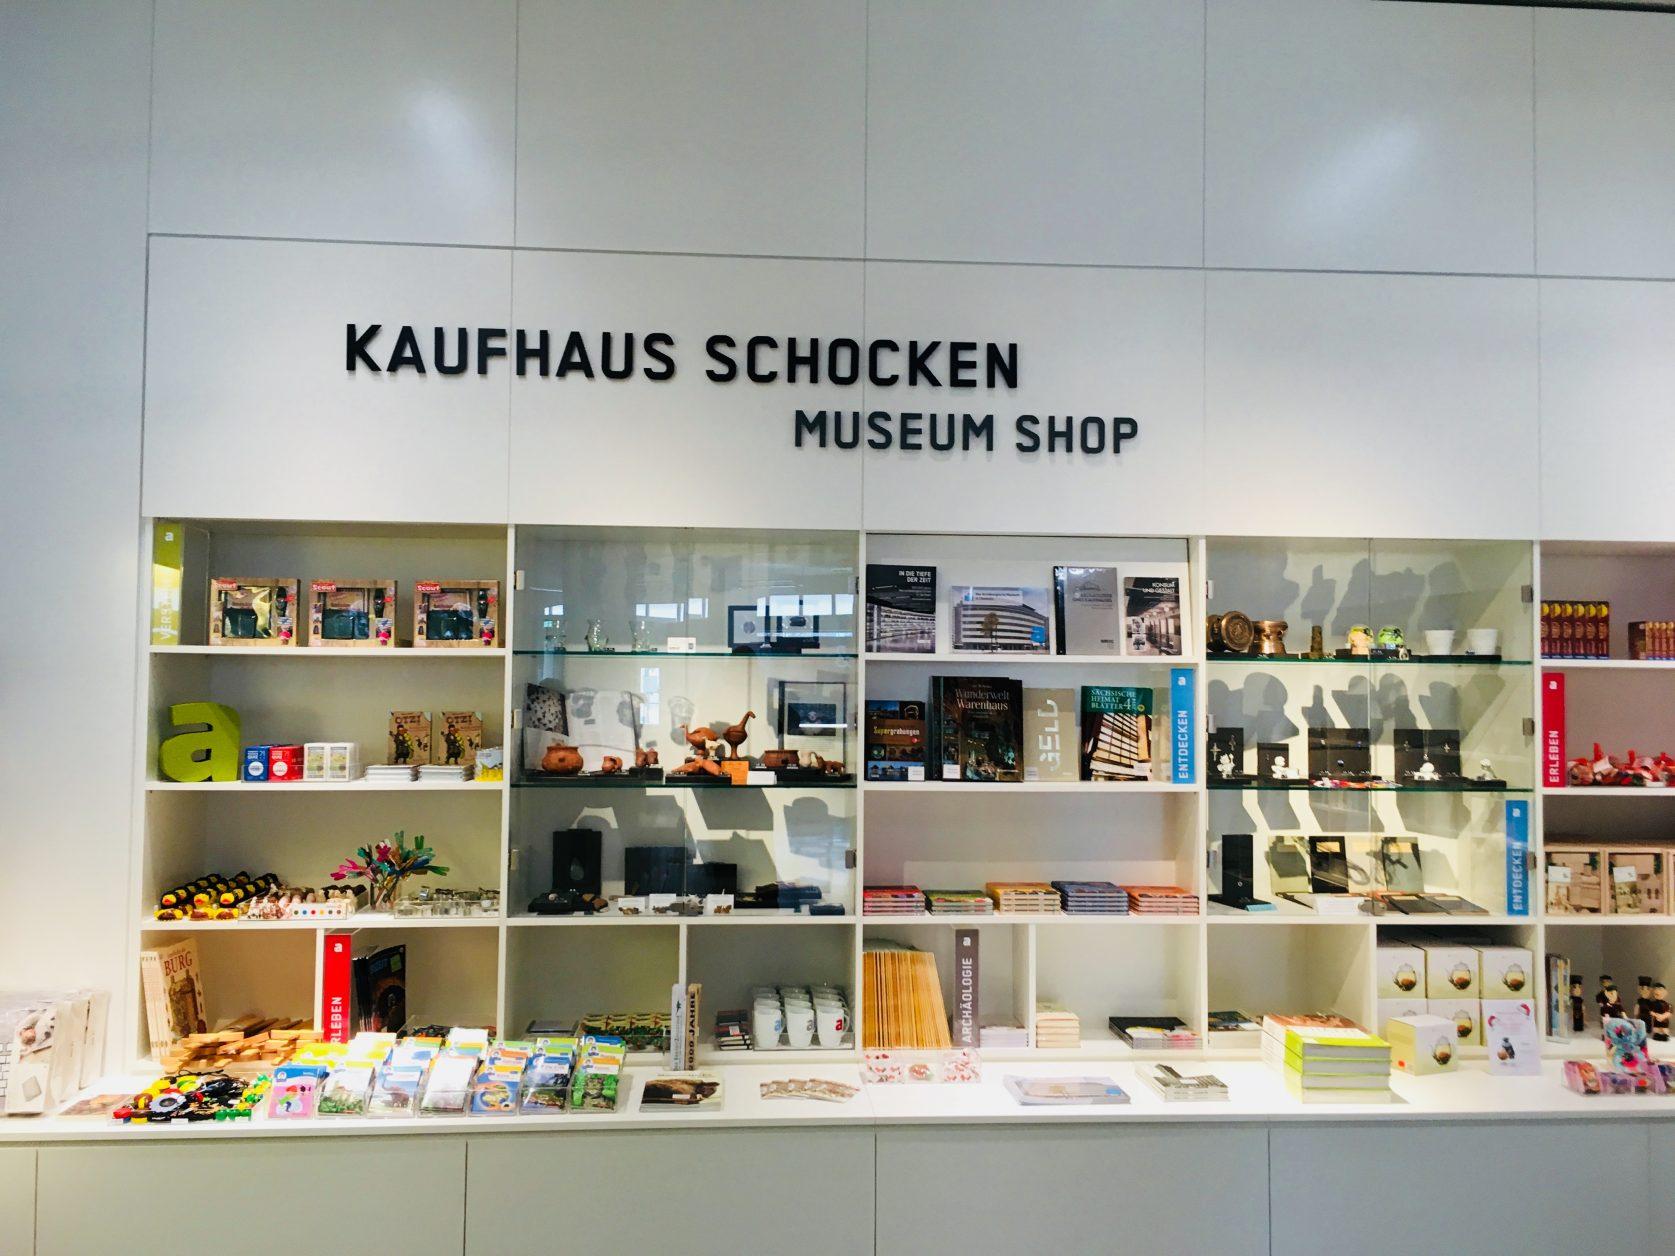 Kaufhaus schocken Chemnitz